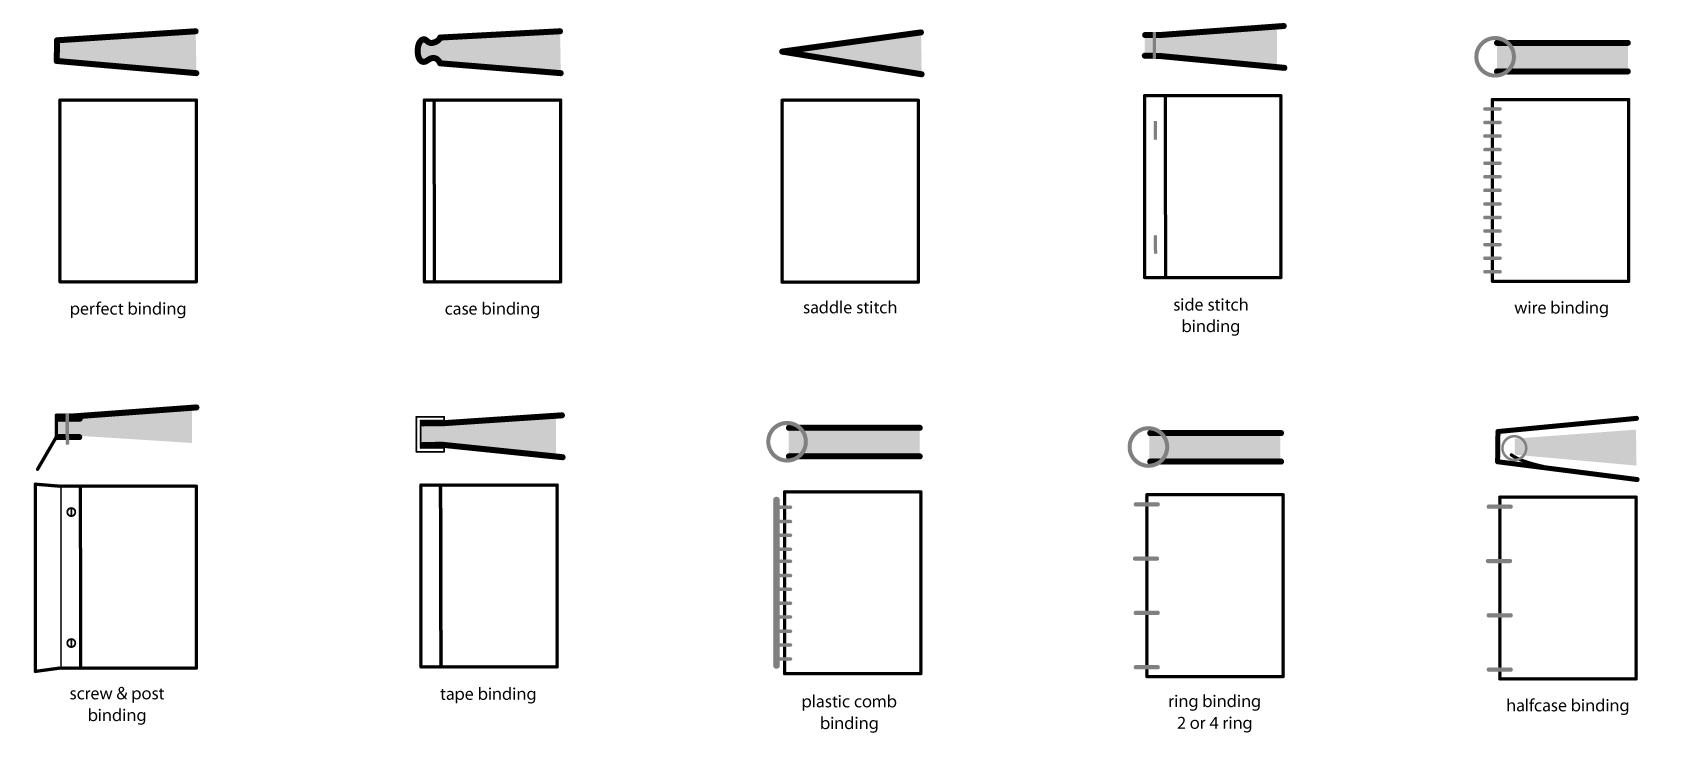 ABC Imaging Binding Types | Book binding | Pinterest